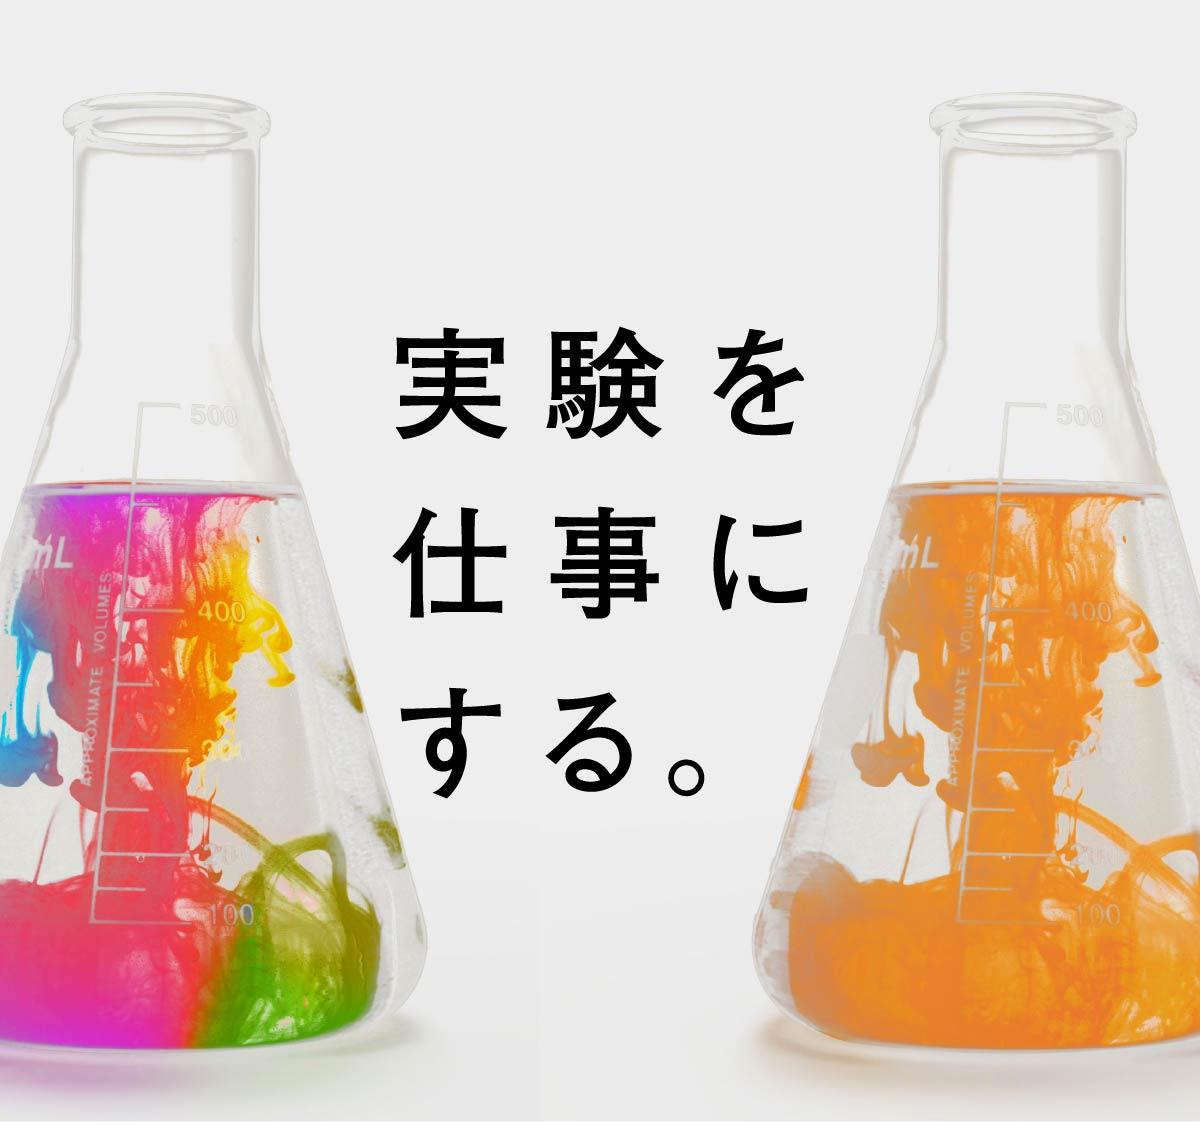 昭和 電工 マテリアル ズ 5ch